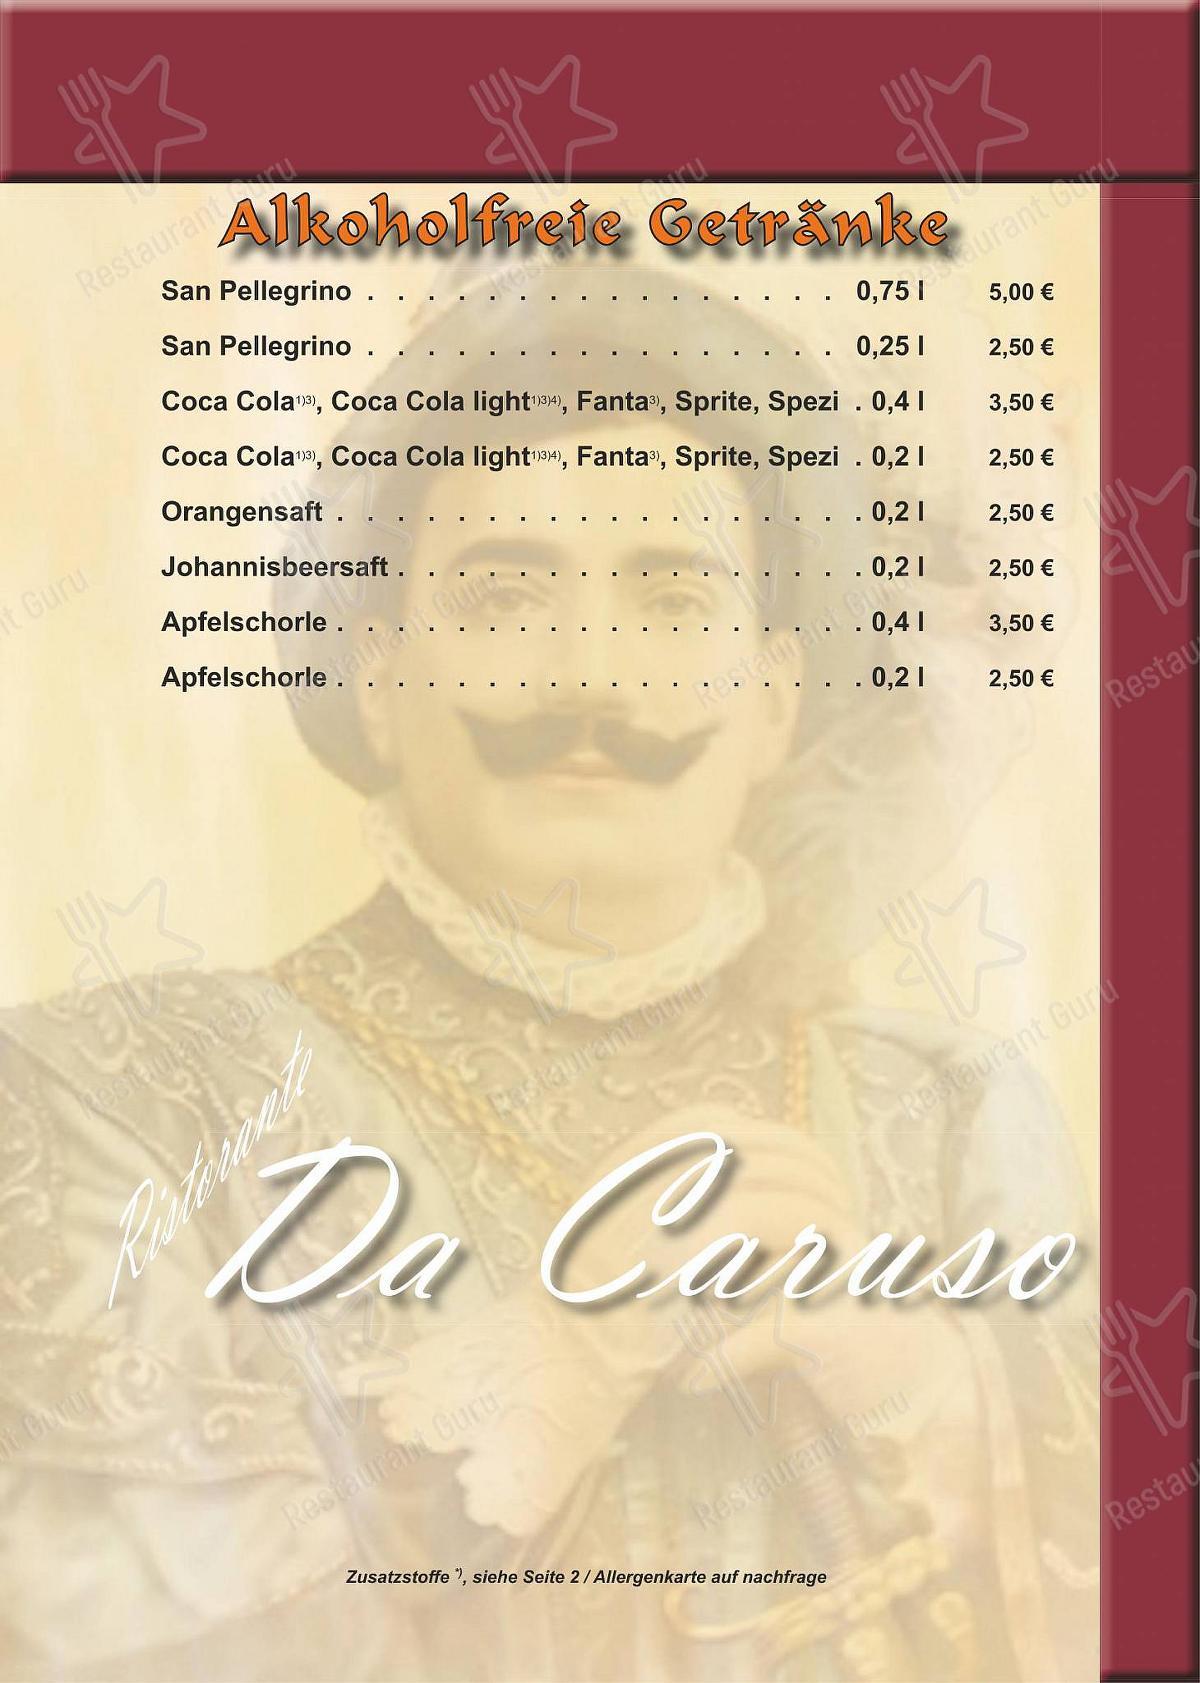 Меню для посетителей ресторана Caruso